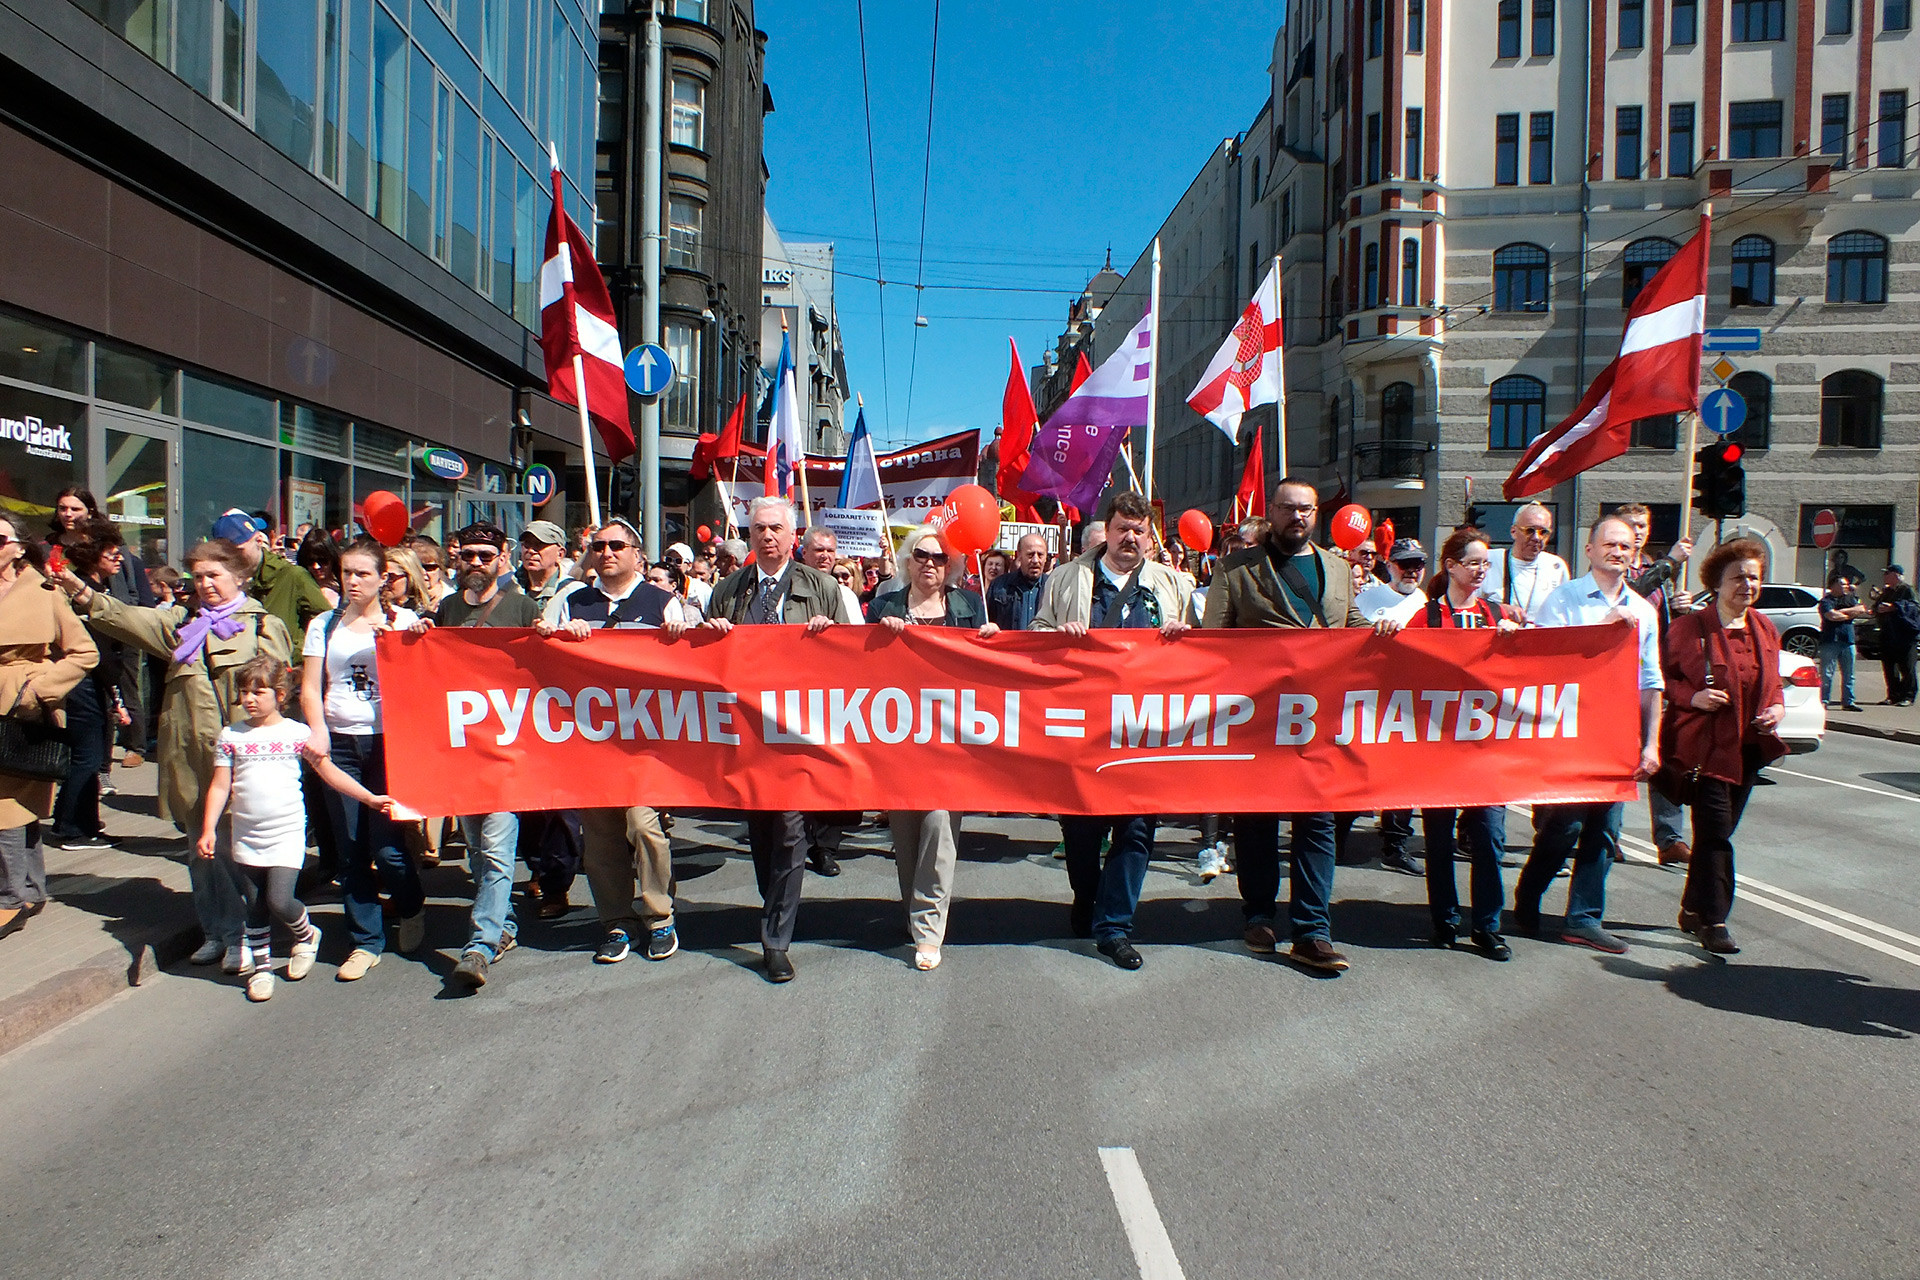 Protesta en Riga contra la implantación del letón como lengua exclusiva de la educación. 1 de mayo de 2018.